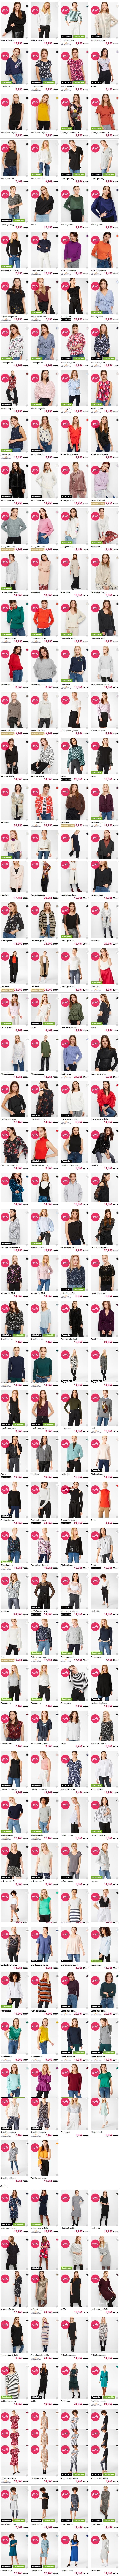 Женская одежда в магазине Lindex в Лаппеенранте